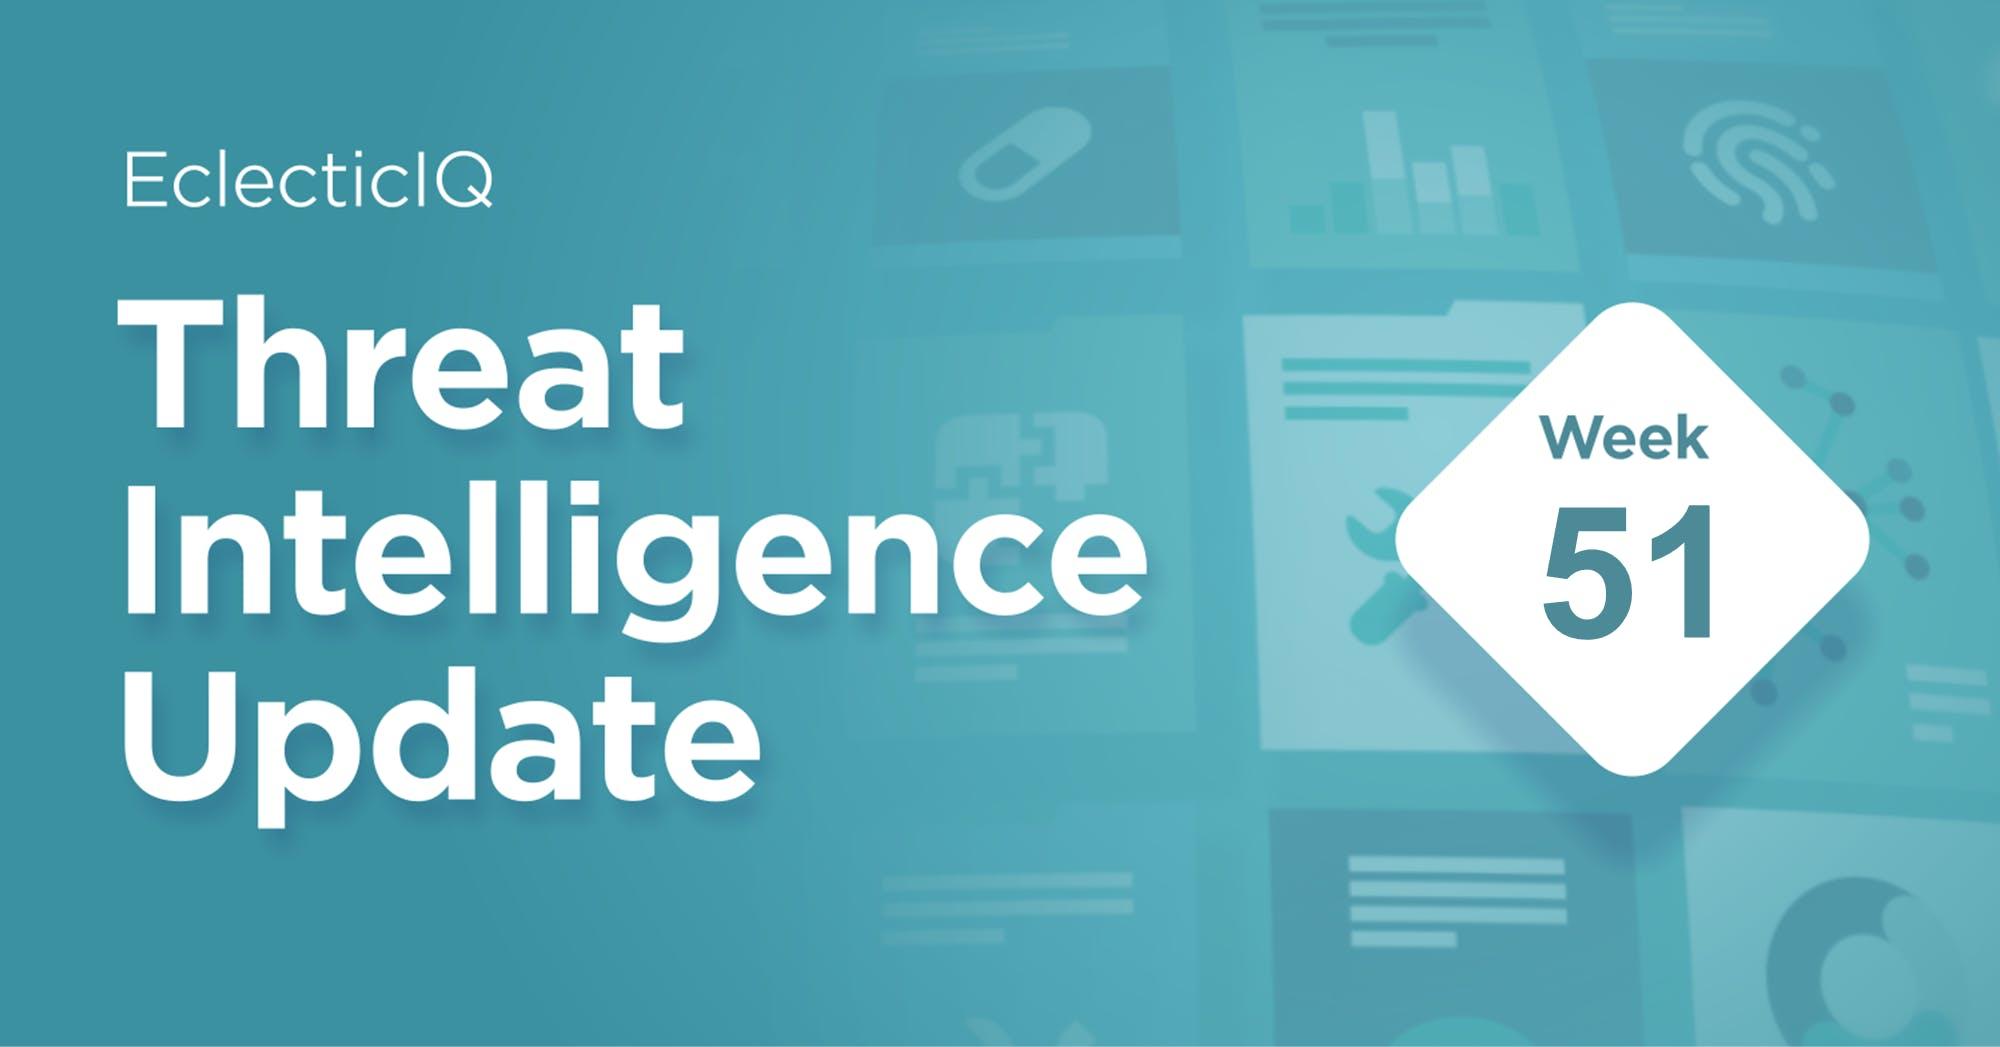 Threat Intelligence Update Week 51-biweekly Report